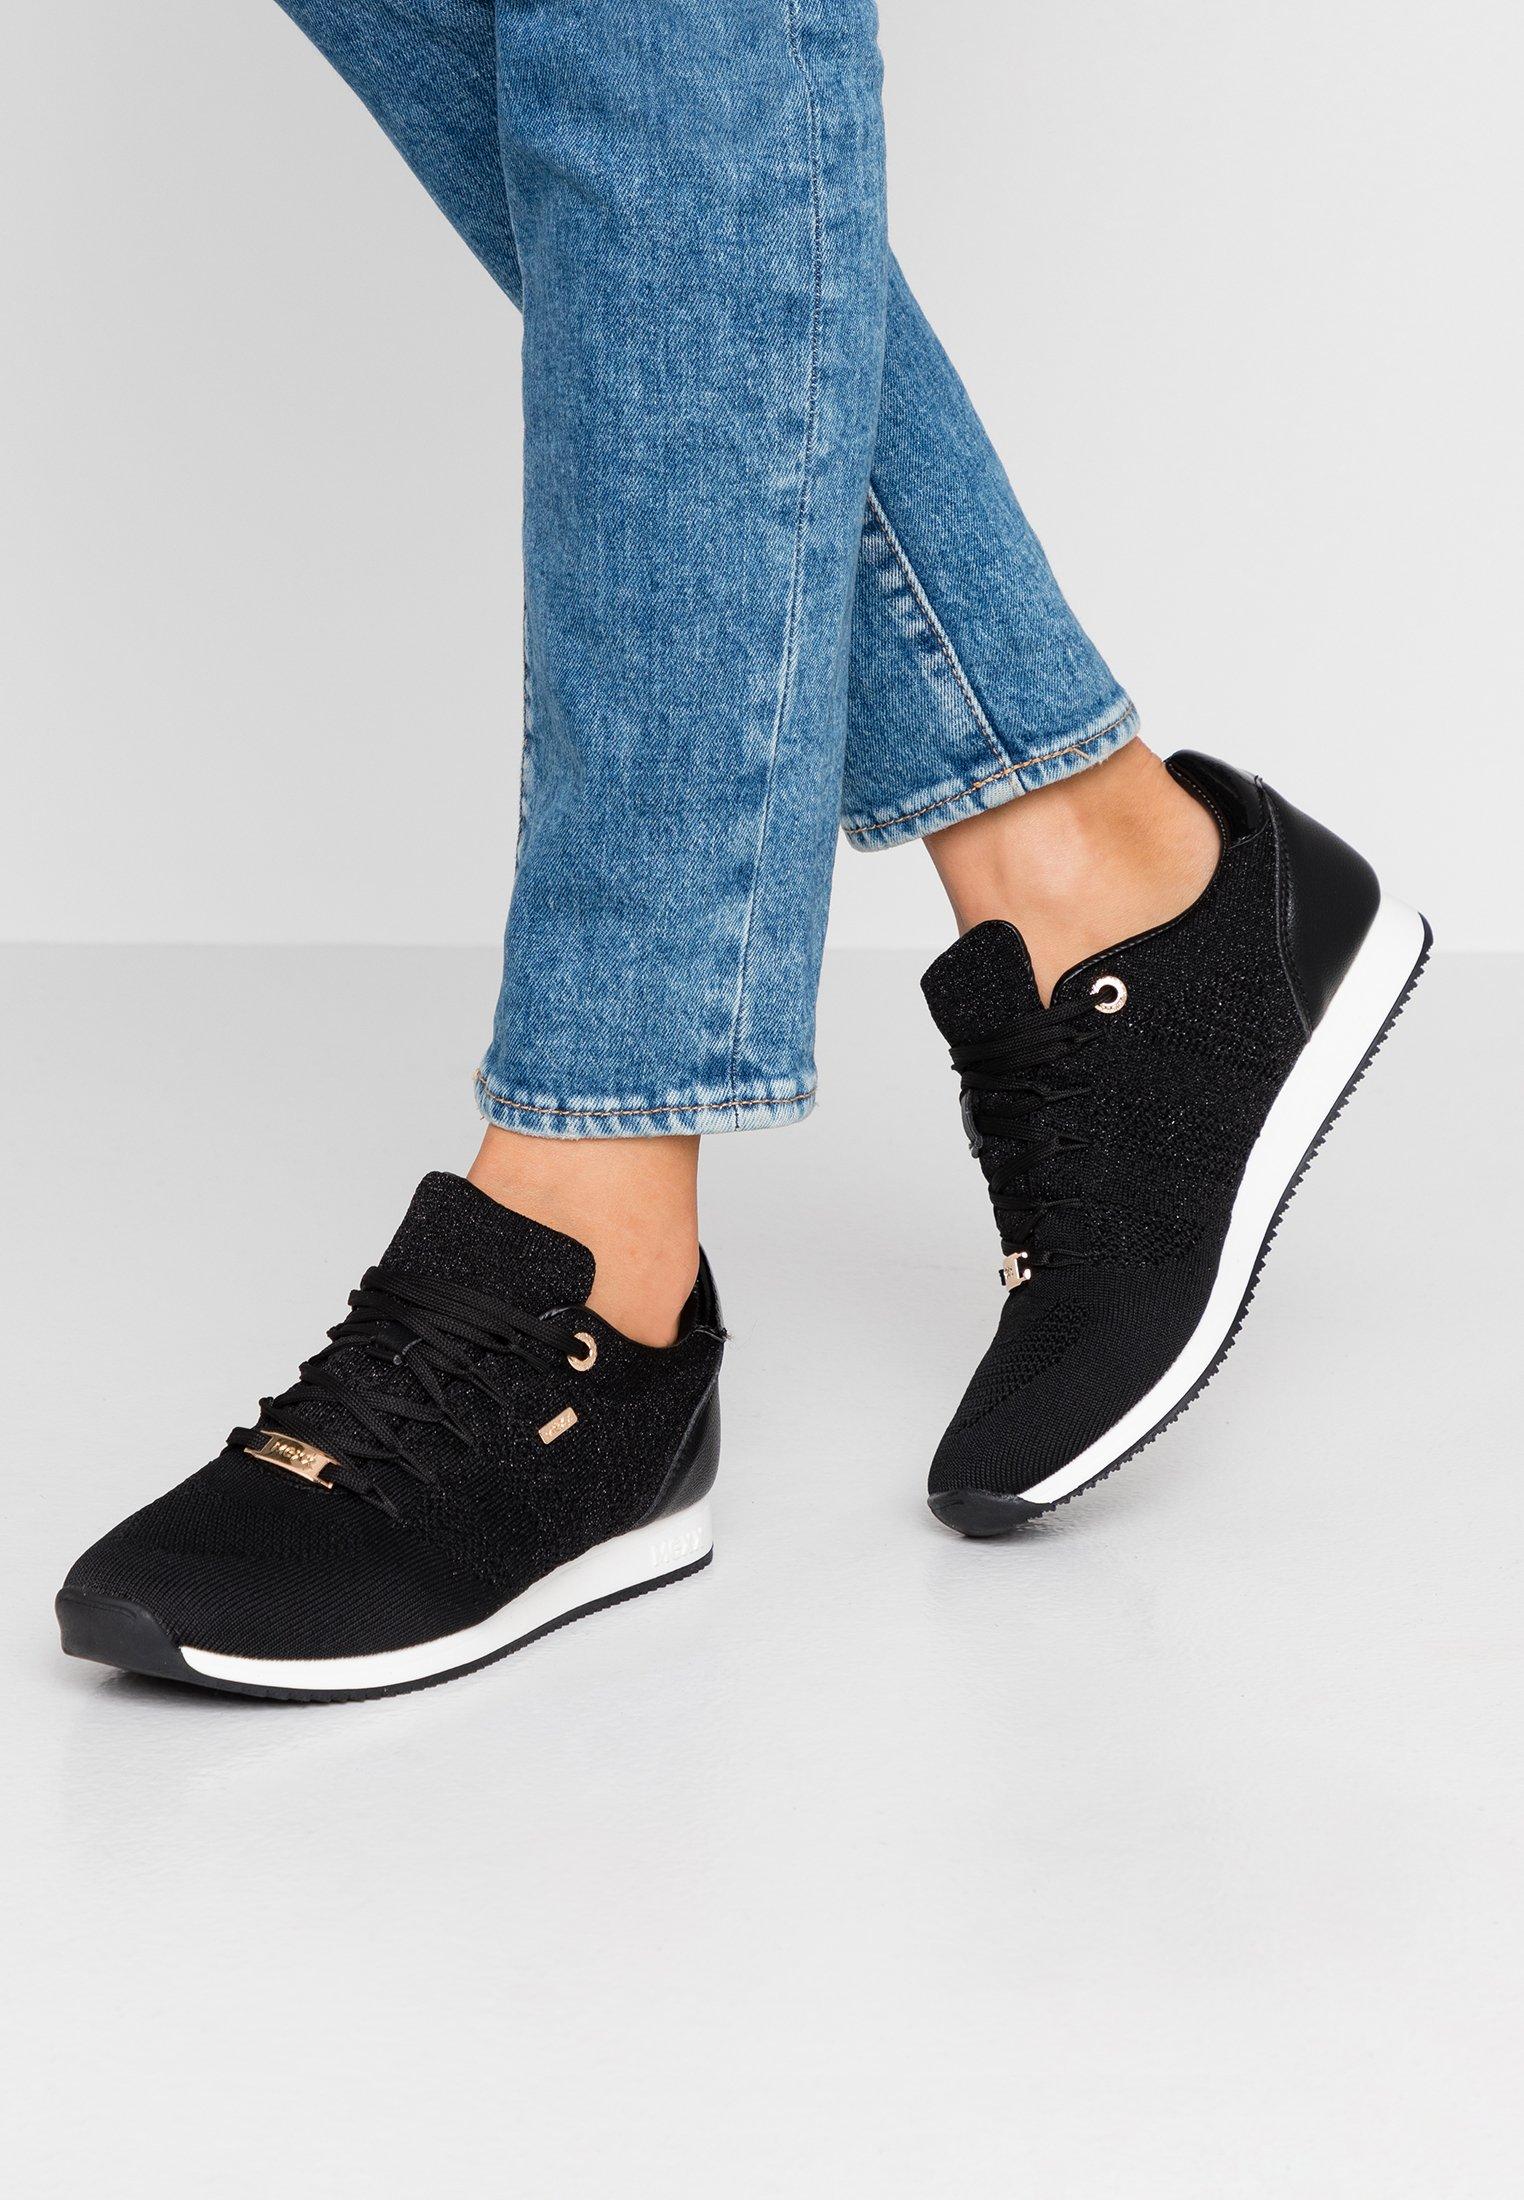 Zwarte Damessneakers online kopen | Collectie 2020 | ZALANDO